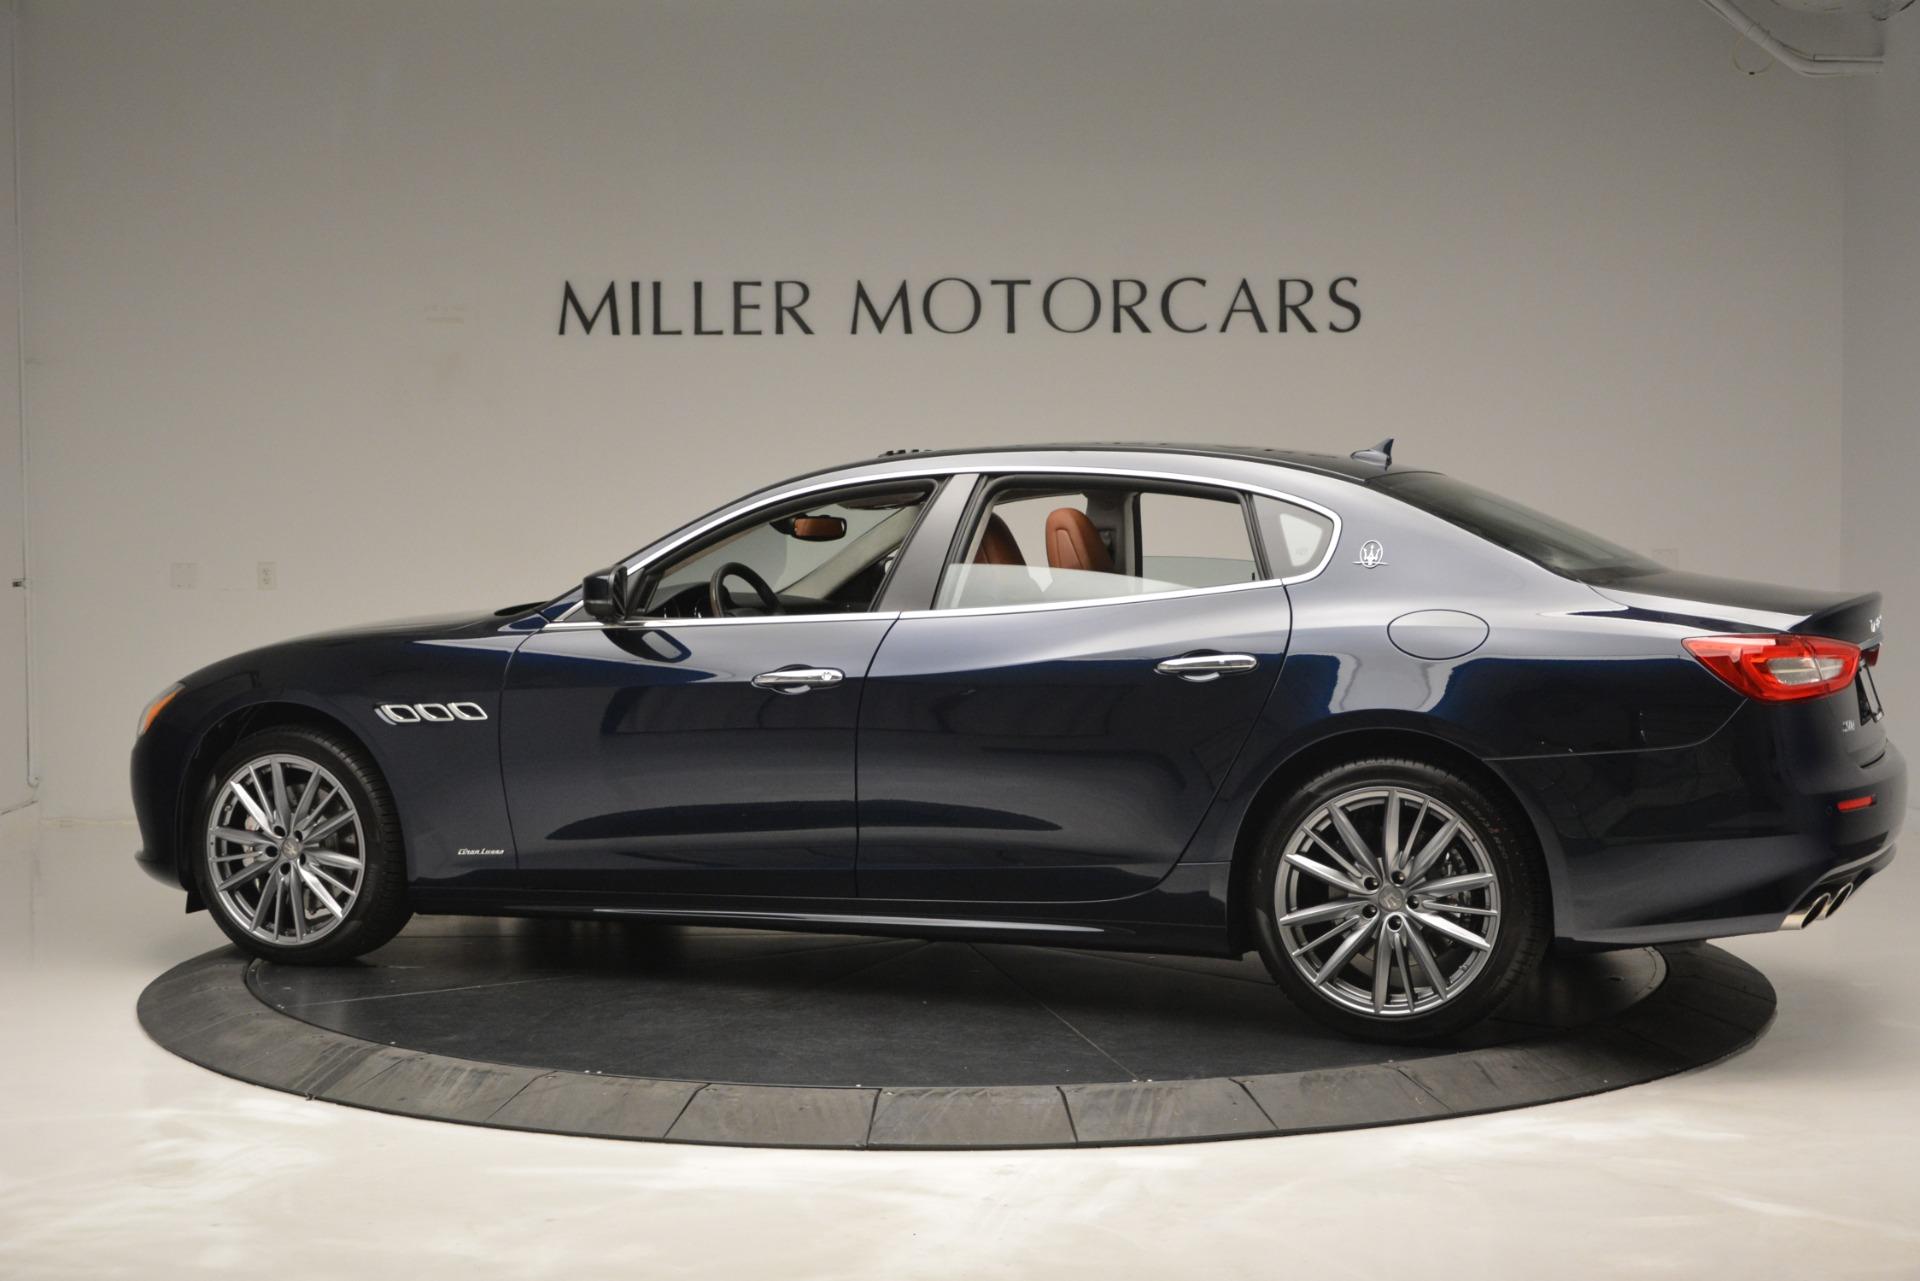 New 2019 Maserati Quattroporte S Q4 GranLusso Edizione Nobile For Sale In Greenwich, CT. Alfa Romeo of Greenwich, M2257 2898_p6